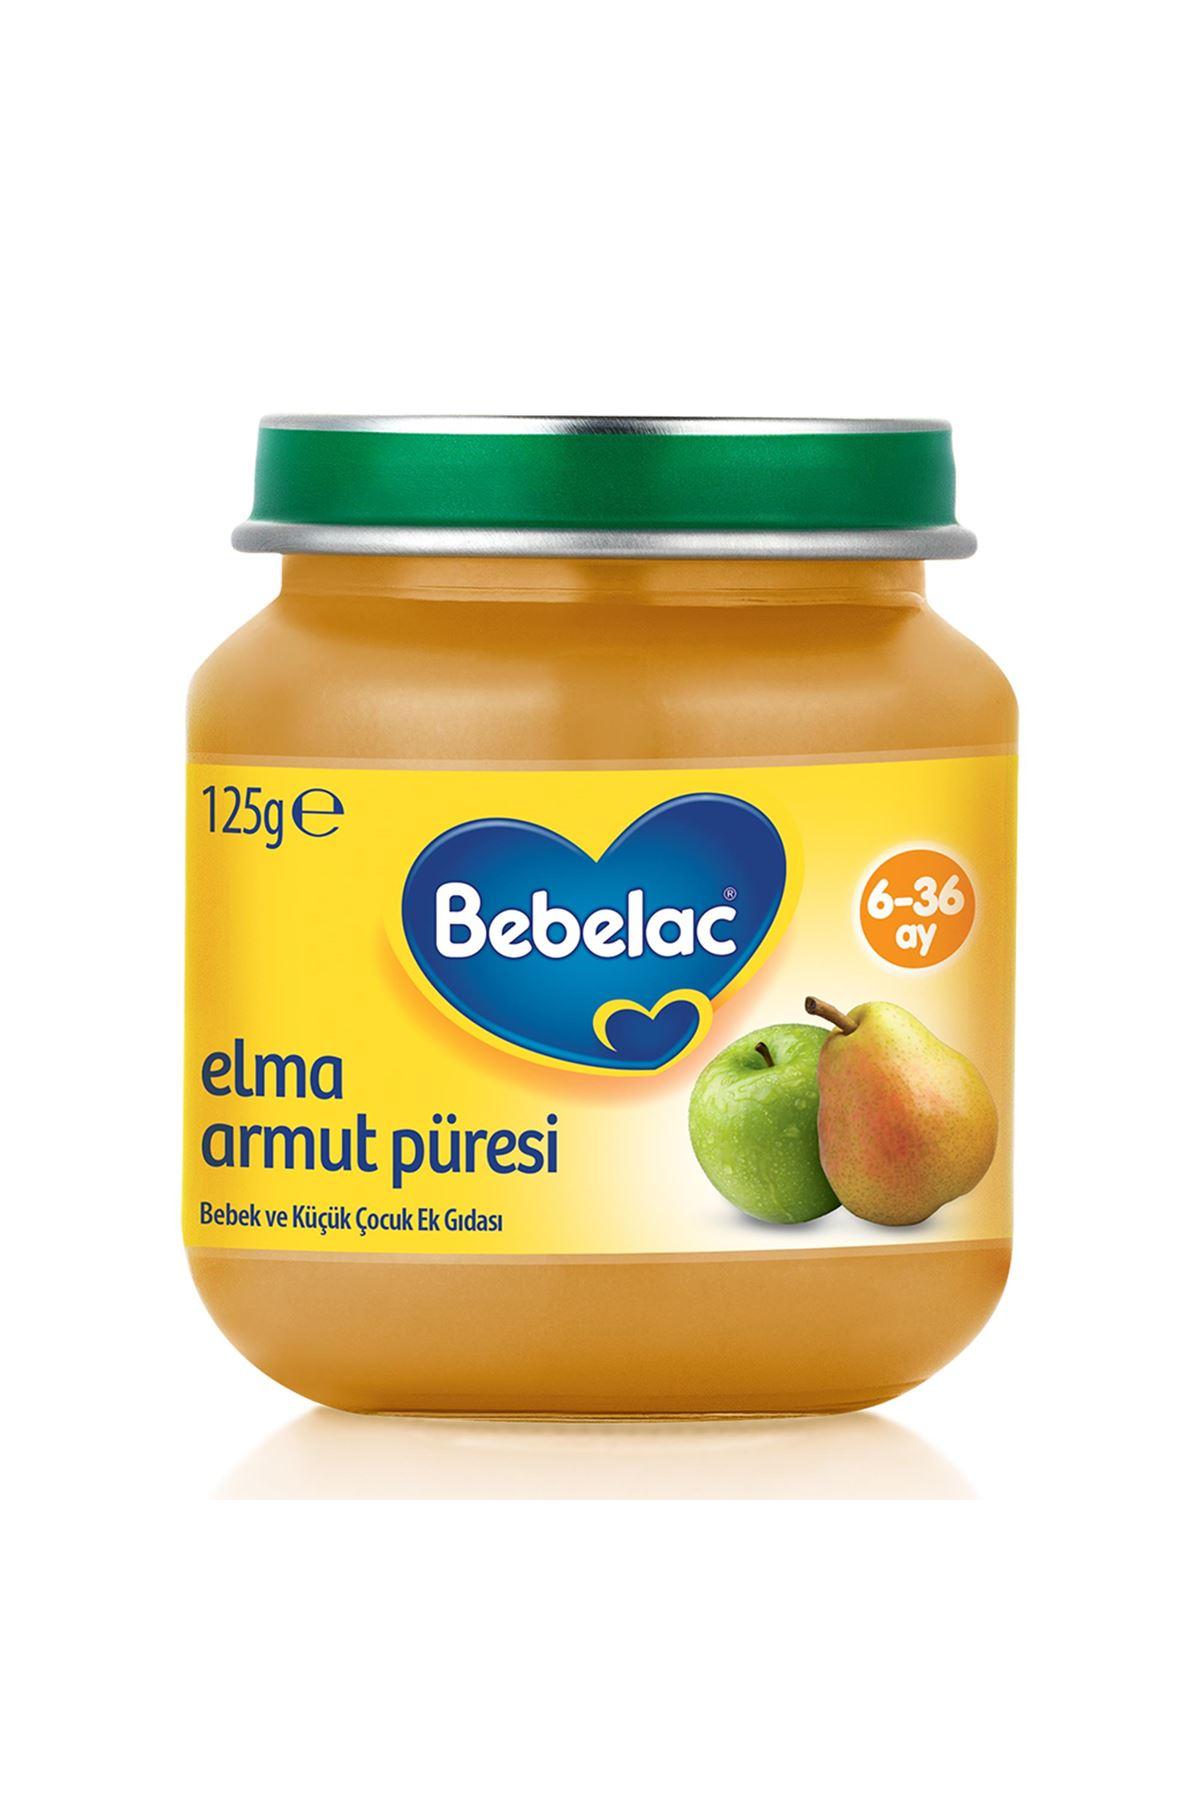 Bebelac Elma Armut Püresi Kavanoz Maması 125 Gr